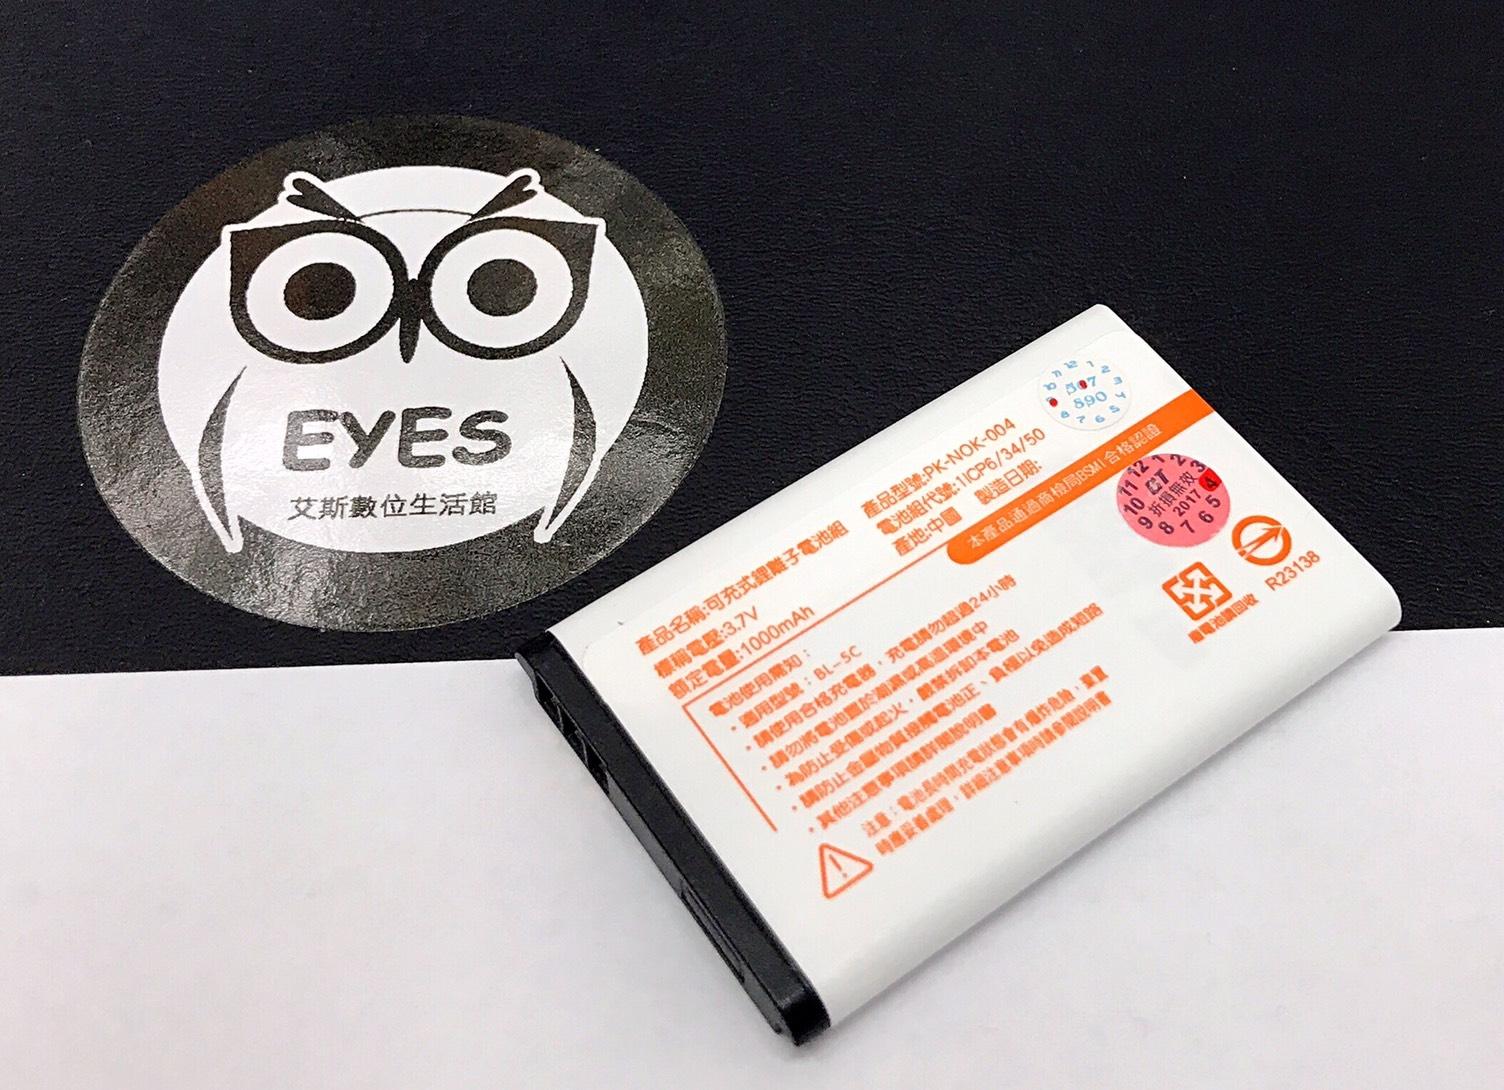 【高容量商檢局安規認證防爆】適用諾基亞 BL5C C2-06 C1-01 C1-02 1000MAH 手機電池鋰電池